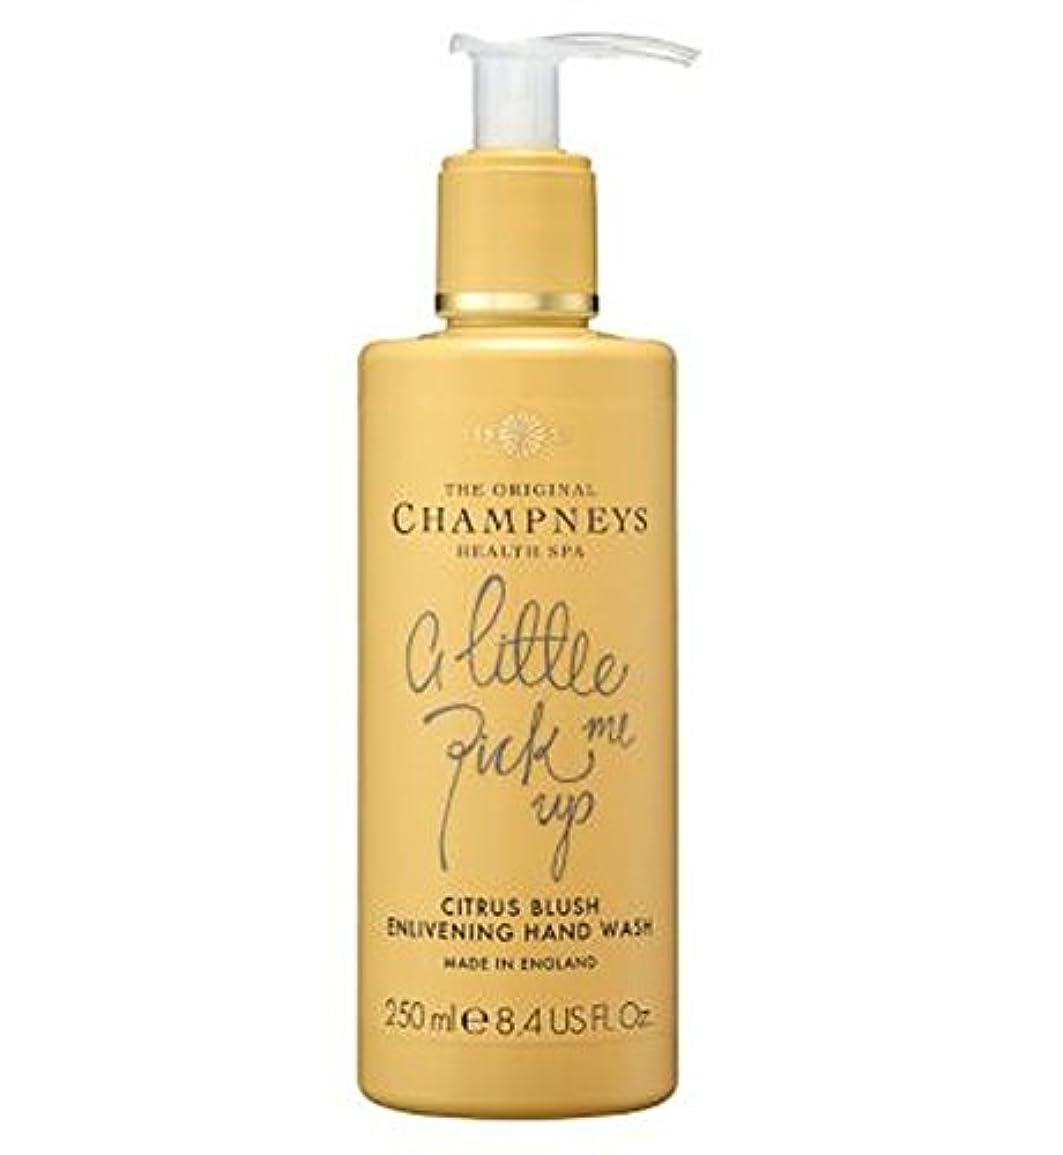 安らぎ正直落ちたChampneys Citrus Blush Enlivening Hand Wash 250ml - チャンプニーズシトラス赤面盛り上げハンドウォッシュ250ミリリットル (Champneys) [並行輸入品]